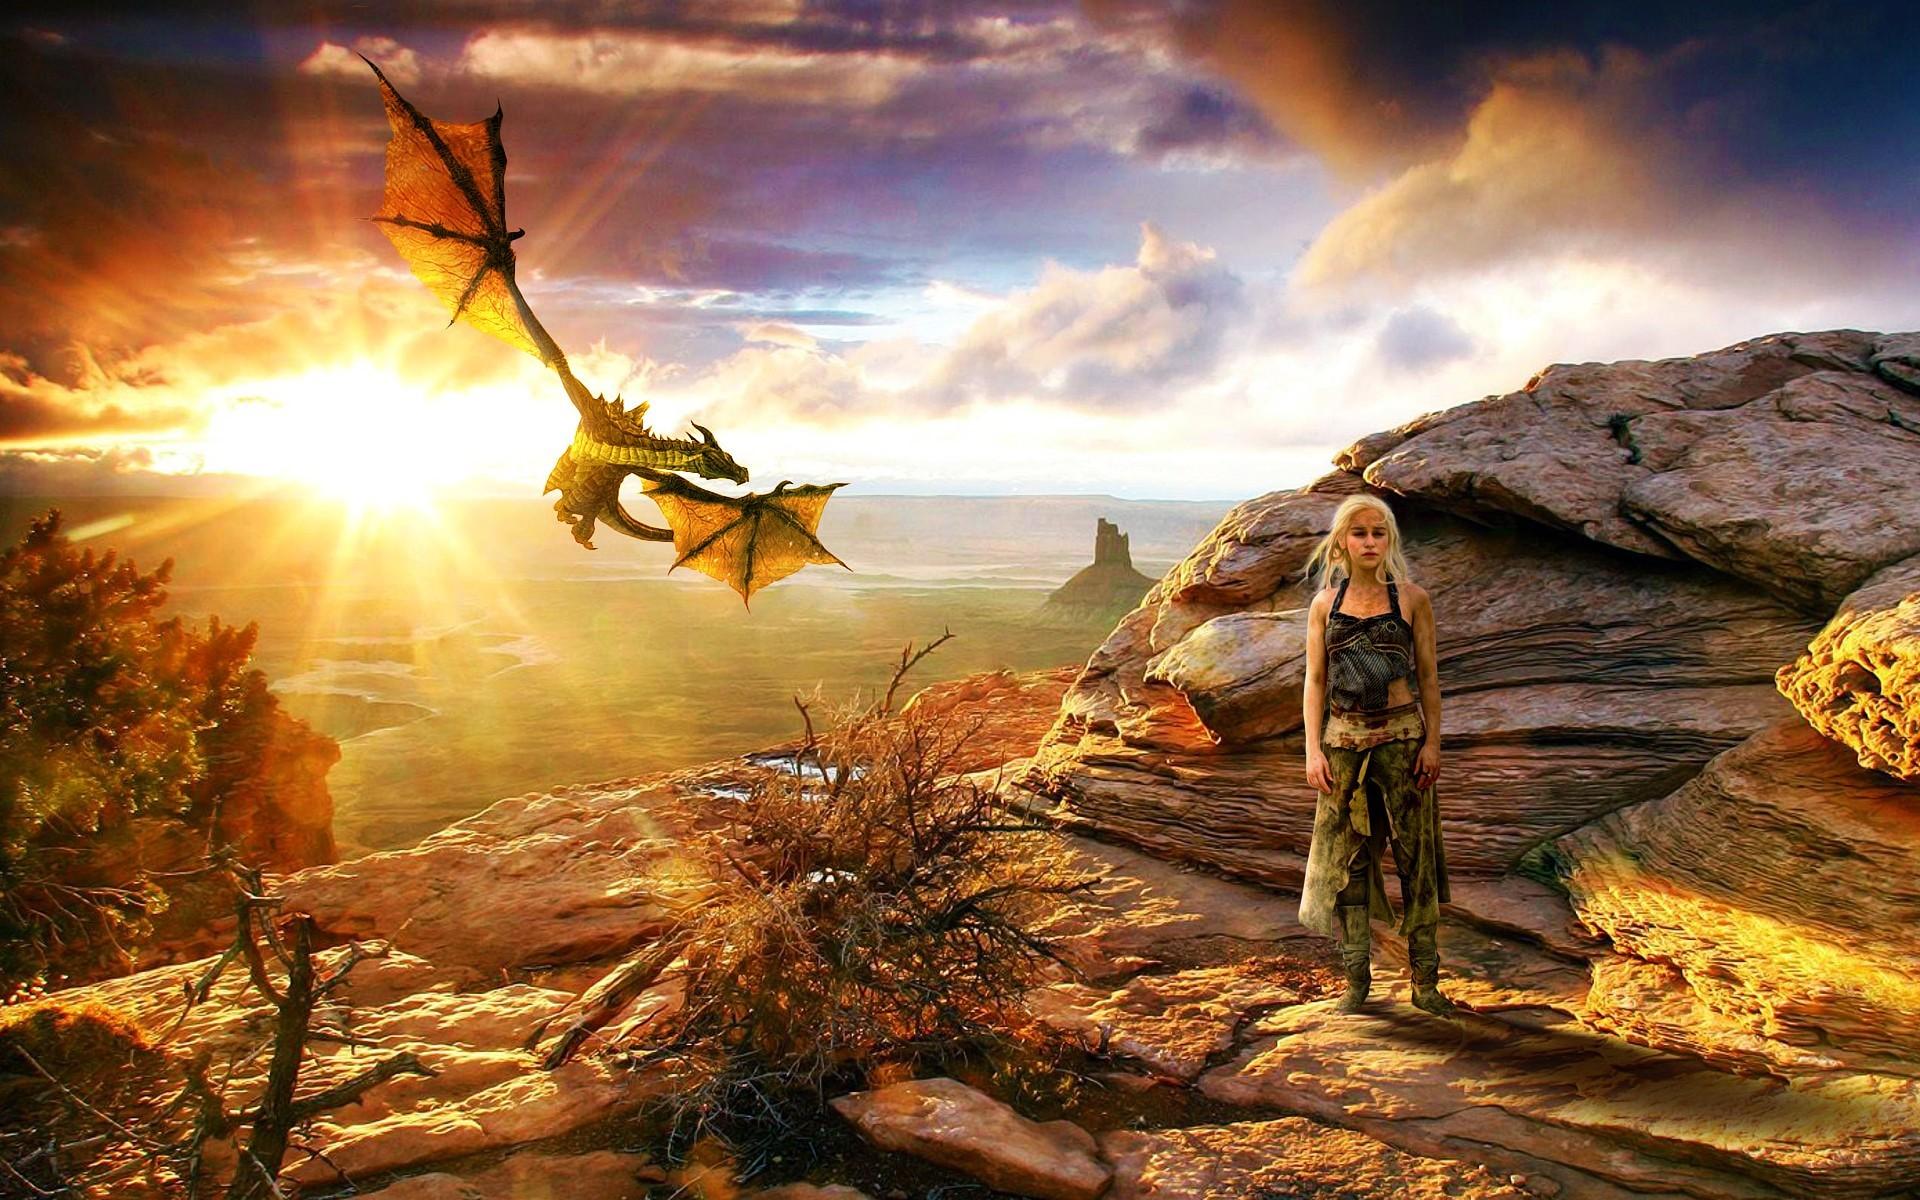 Game Of Thrones: Targaryen Dragon